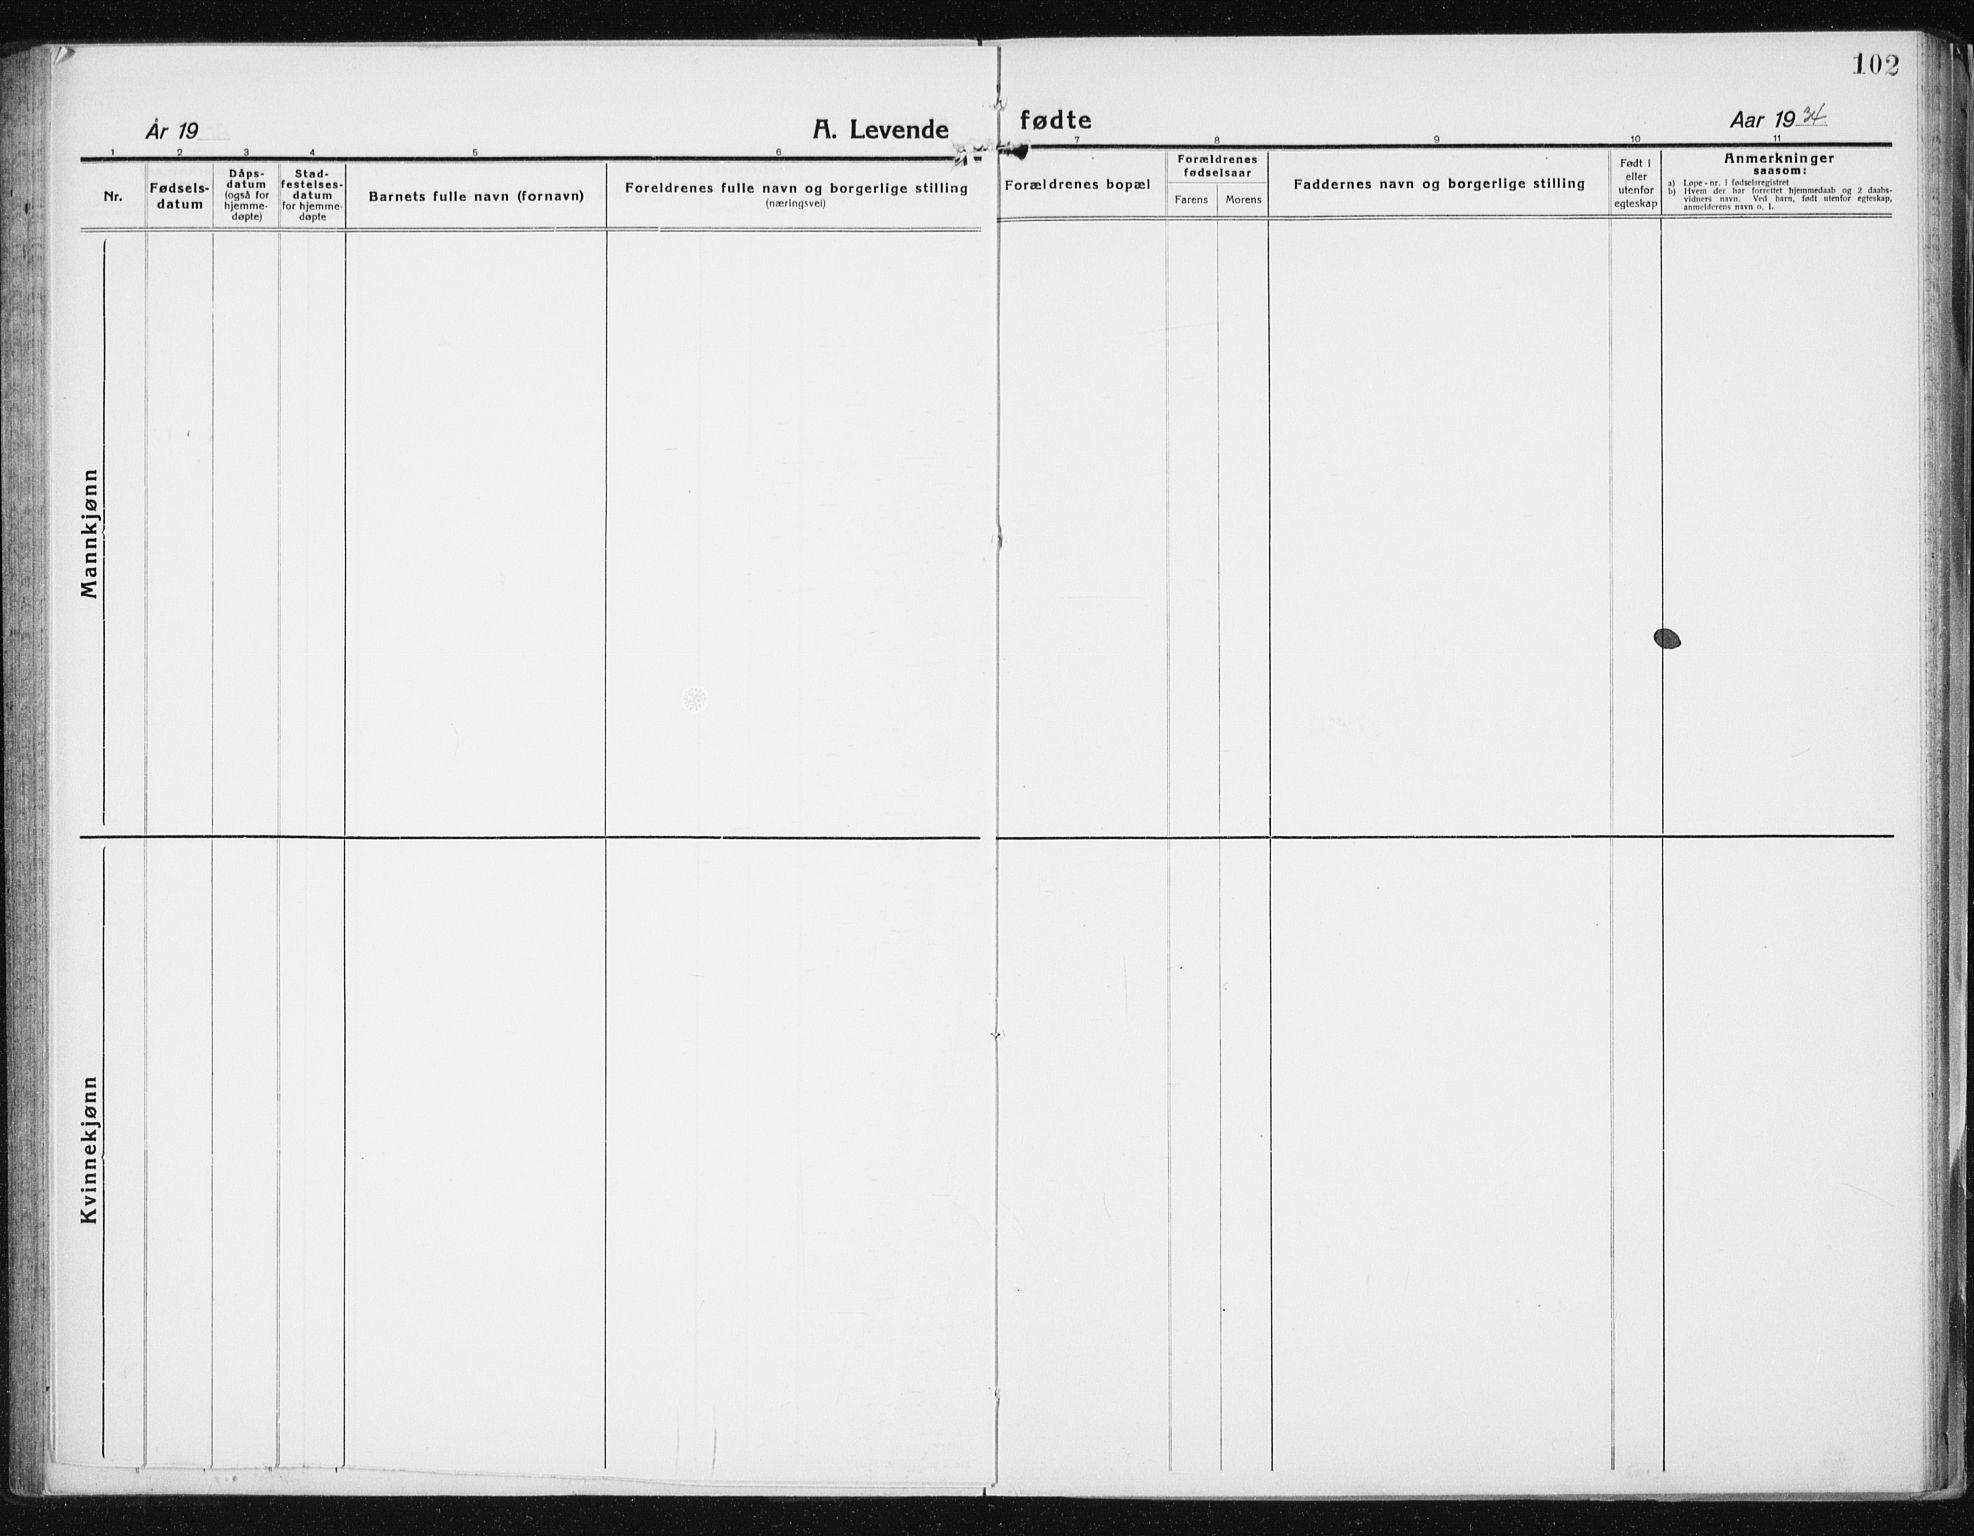 SAT, Ministerialprotokoller, klokkerbøker og fødselsregistre - Sør-Trøndelag, 640/L0589: Klokkerbok nr. 640C06, 1922-1934, s. 102